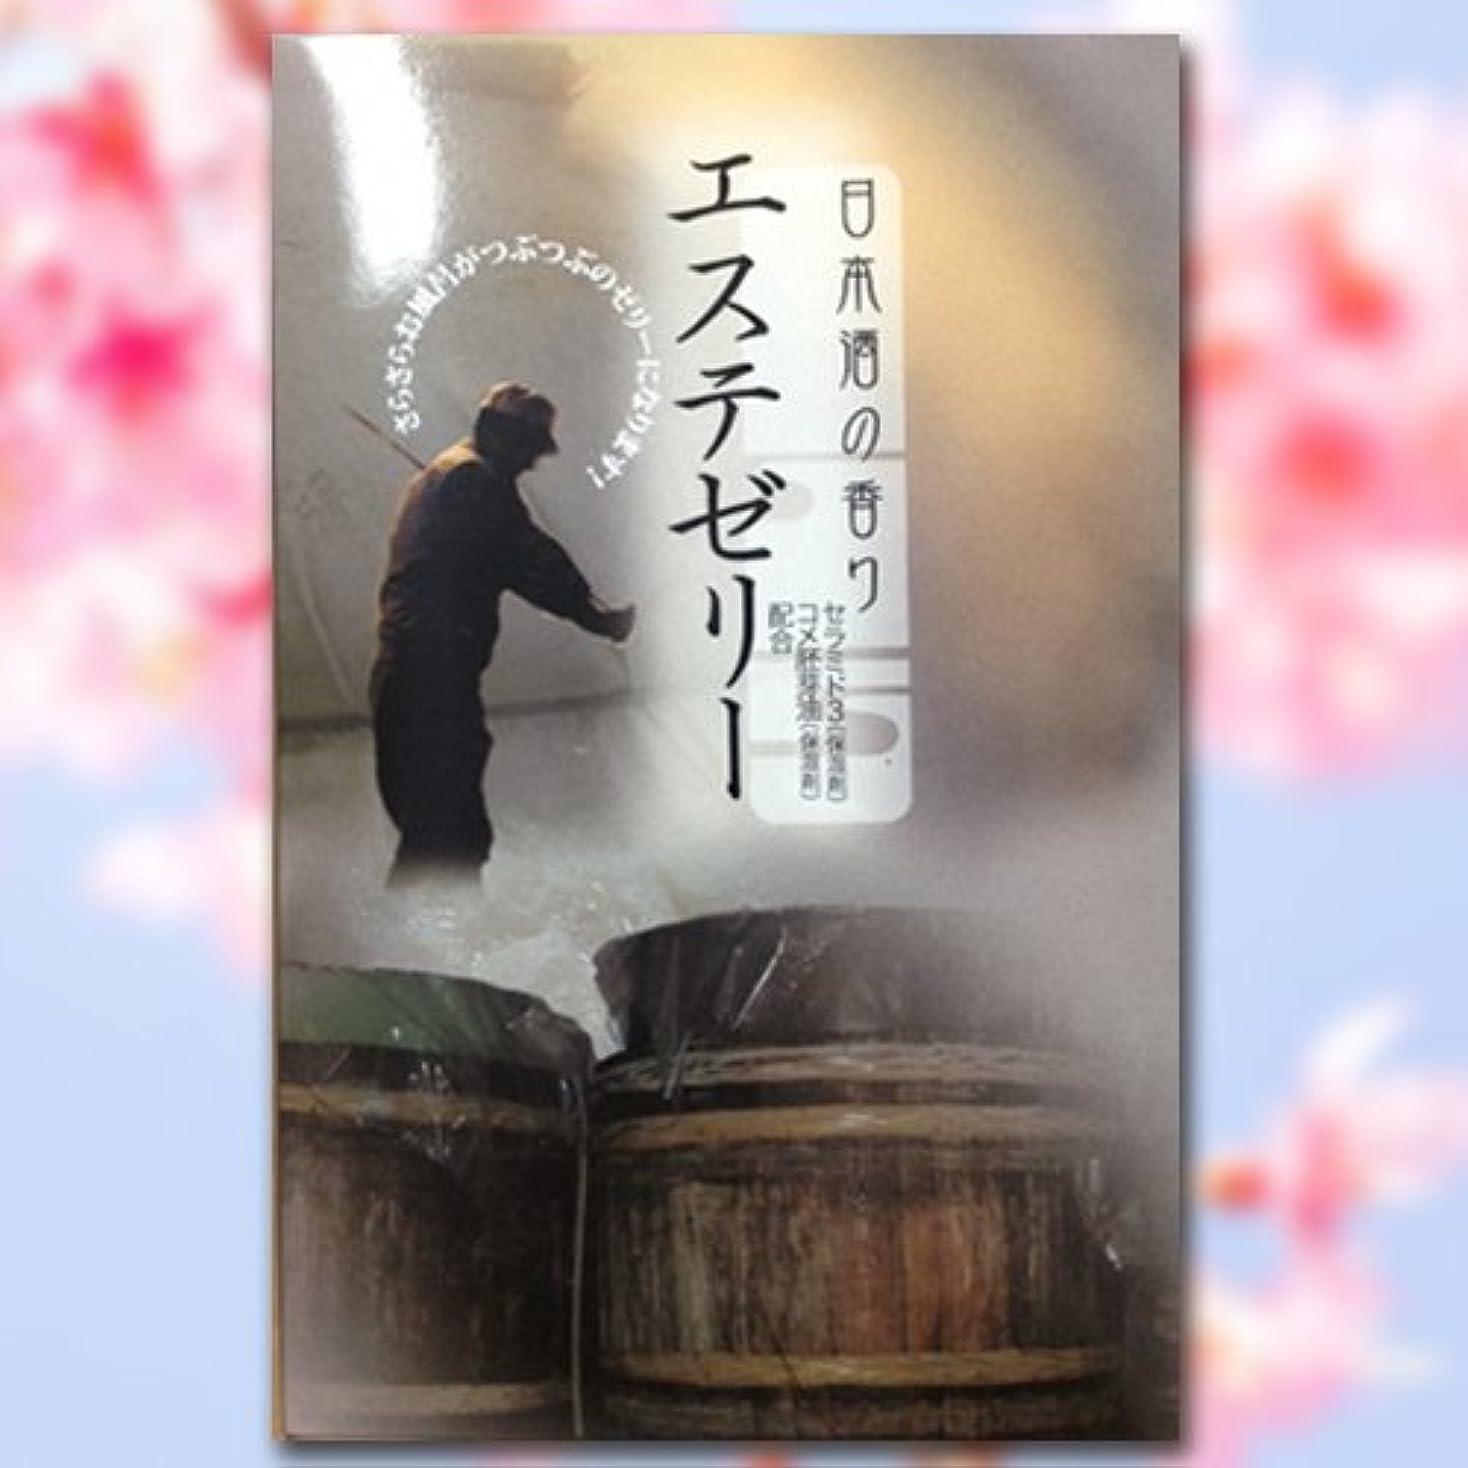 企業見習い動員する【2個セット】Esthe Jelly エステゼリー 日本酒の香り (入浴剤)